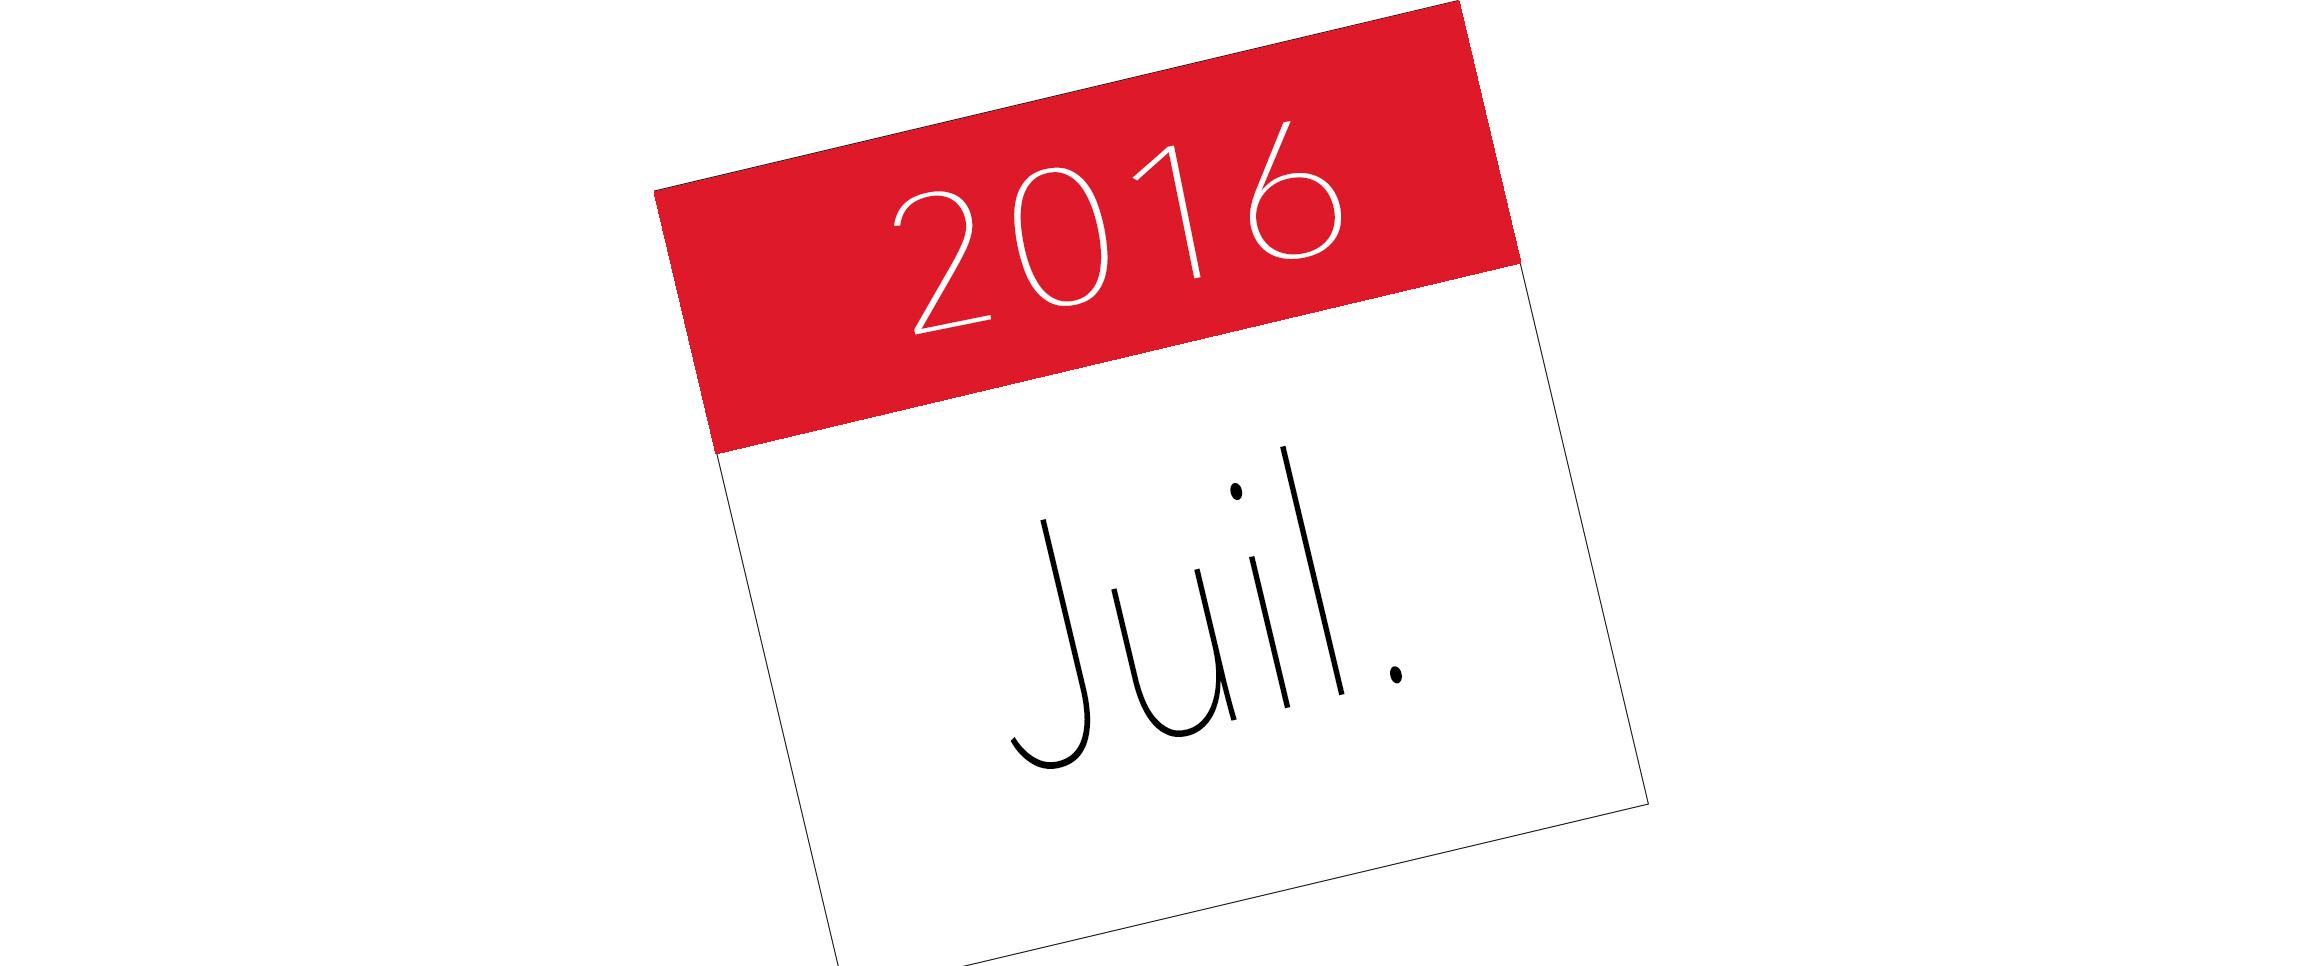 calendrier-site-juil-2016.jpg